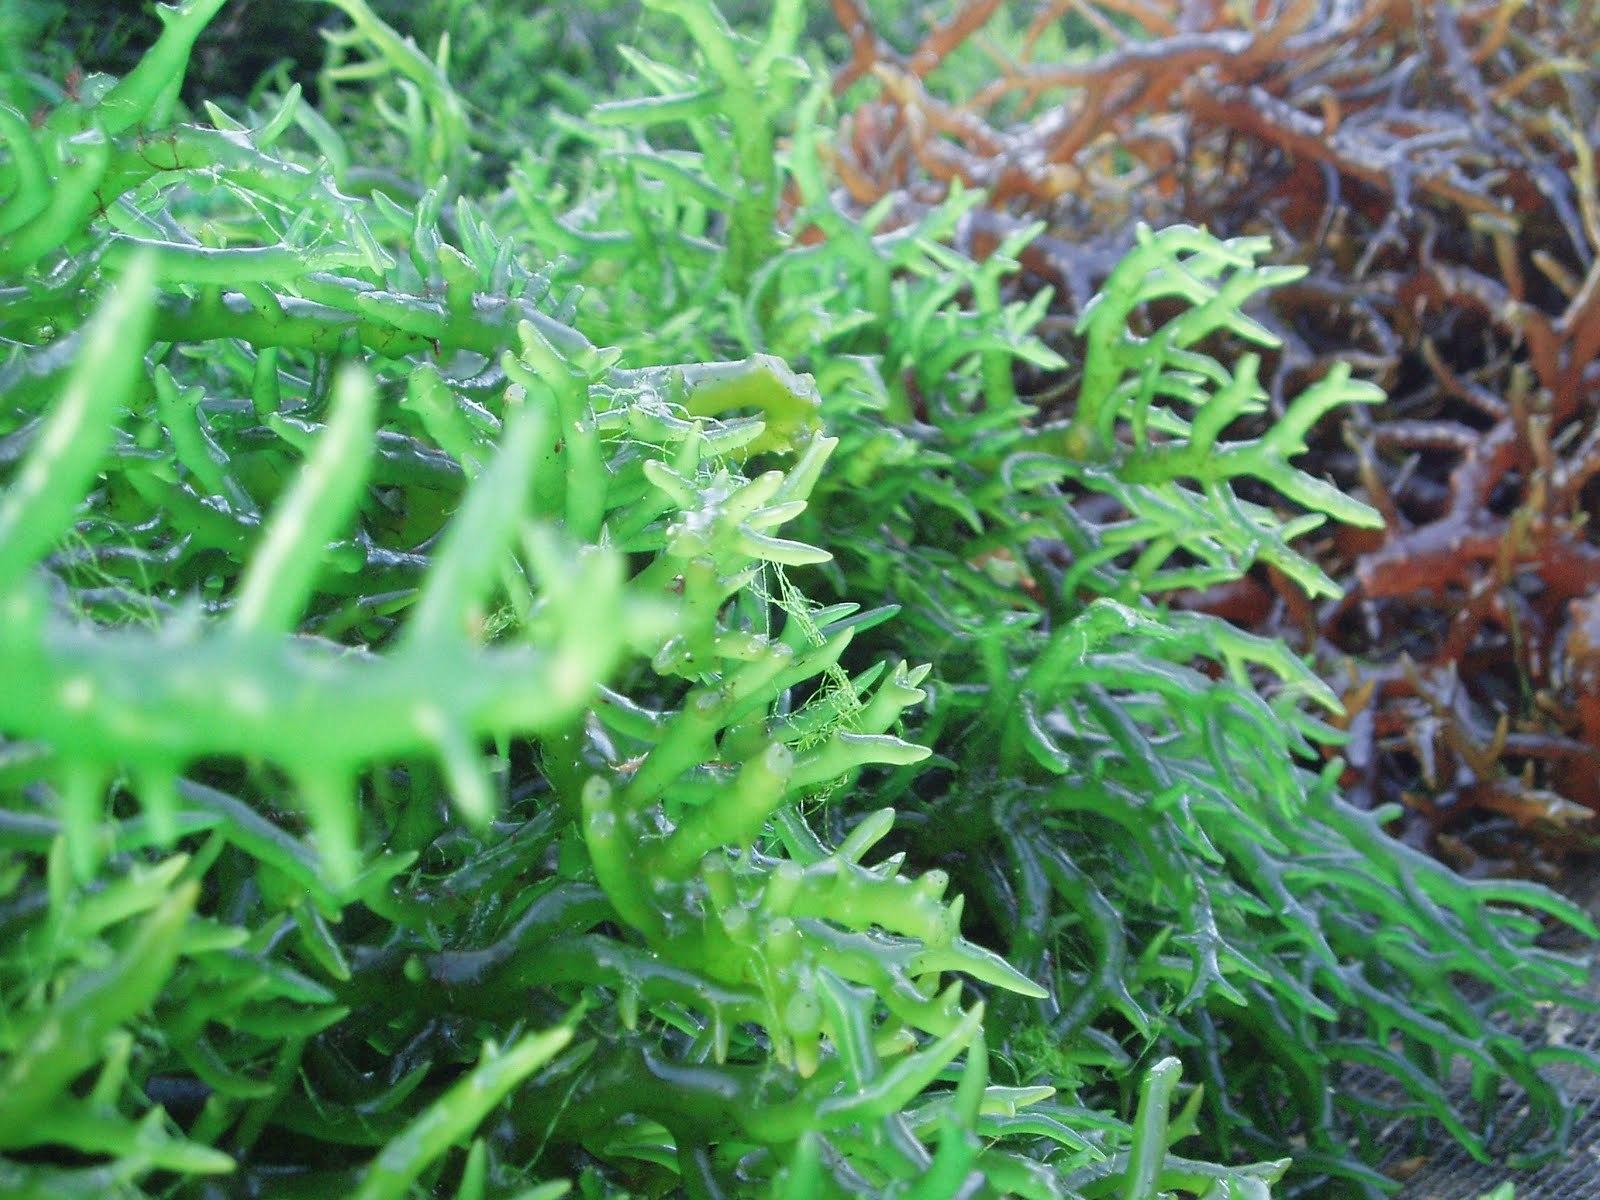 Chiết xuất các loại tảo biển, tinh dầu thực vật cấp ẩm rất tốt cho da nhạy cảm